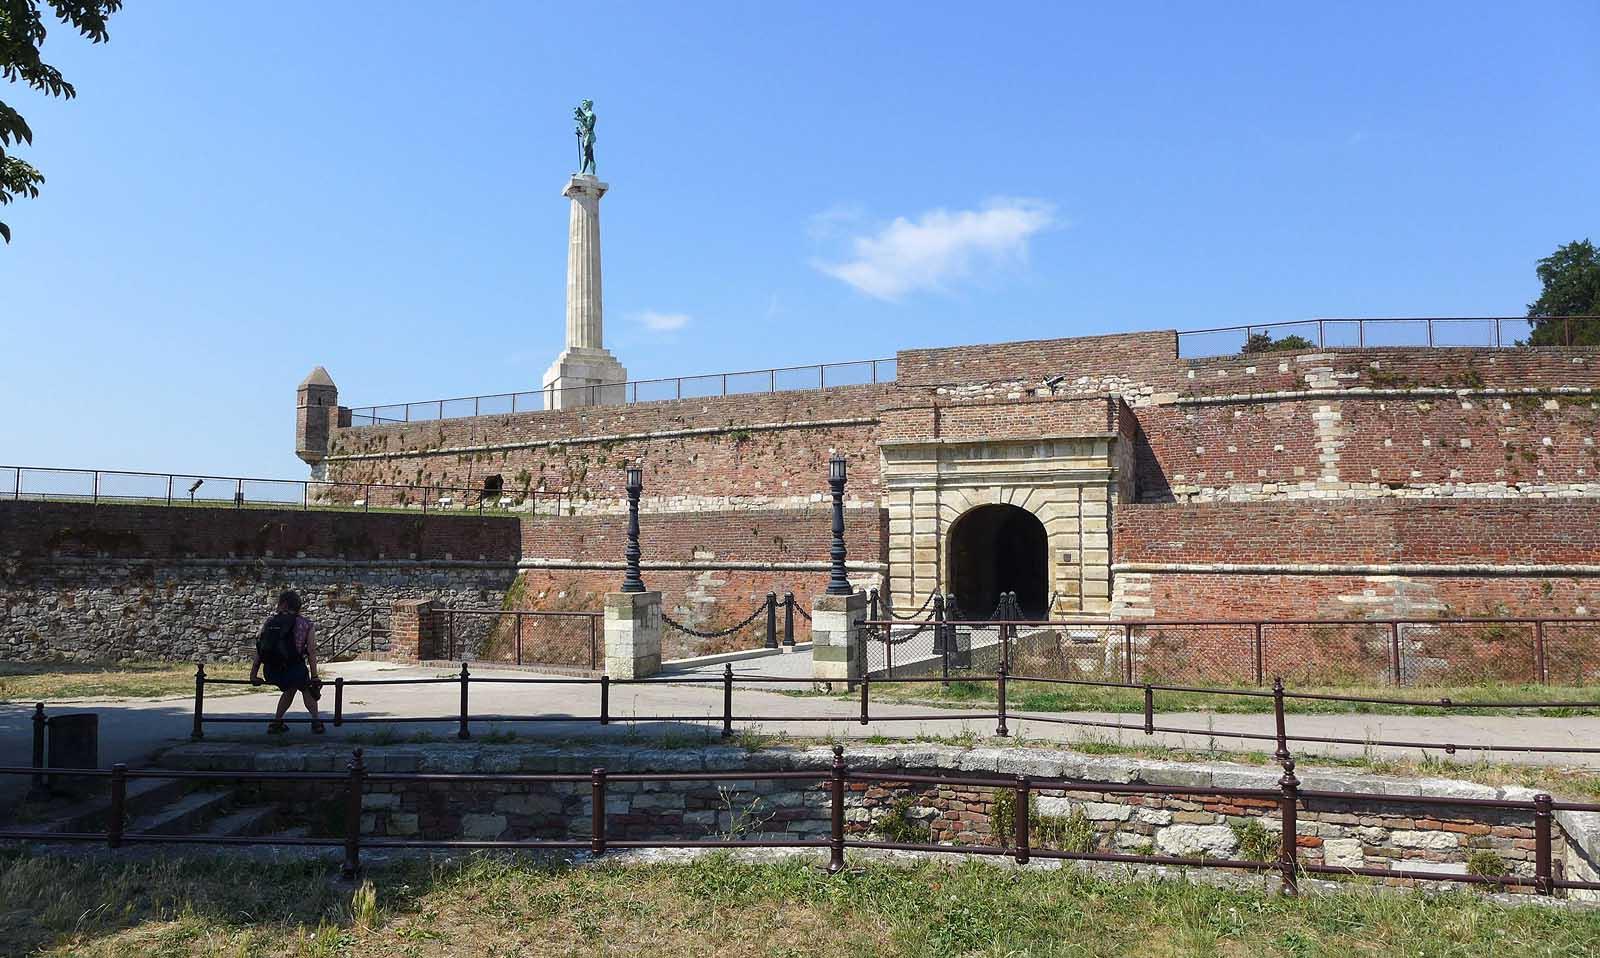 Sehenswrdigkeiten Von Belgrad Stdte Belgrad Goruma